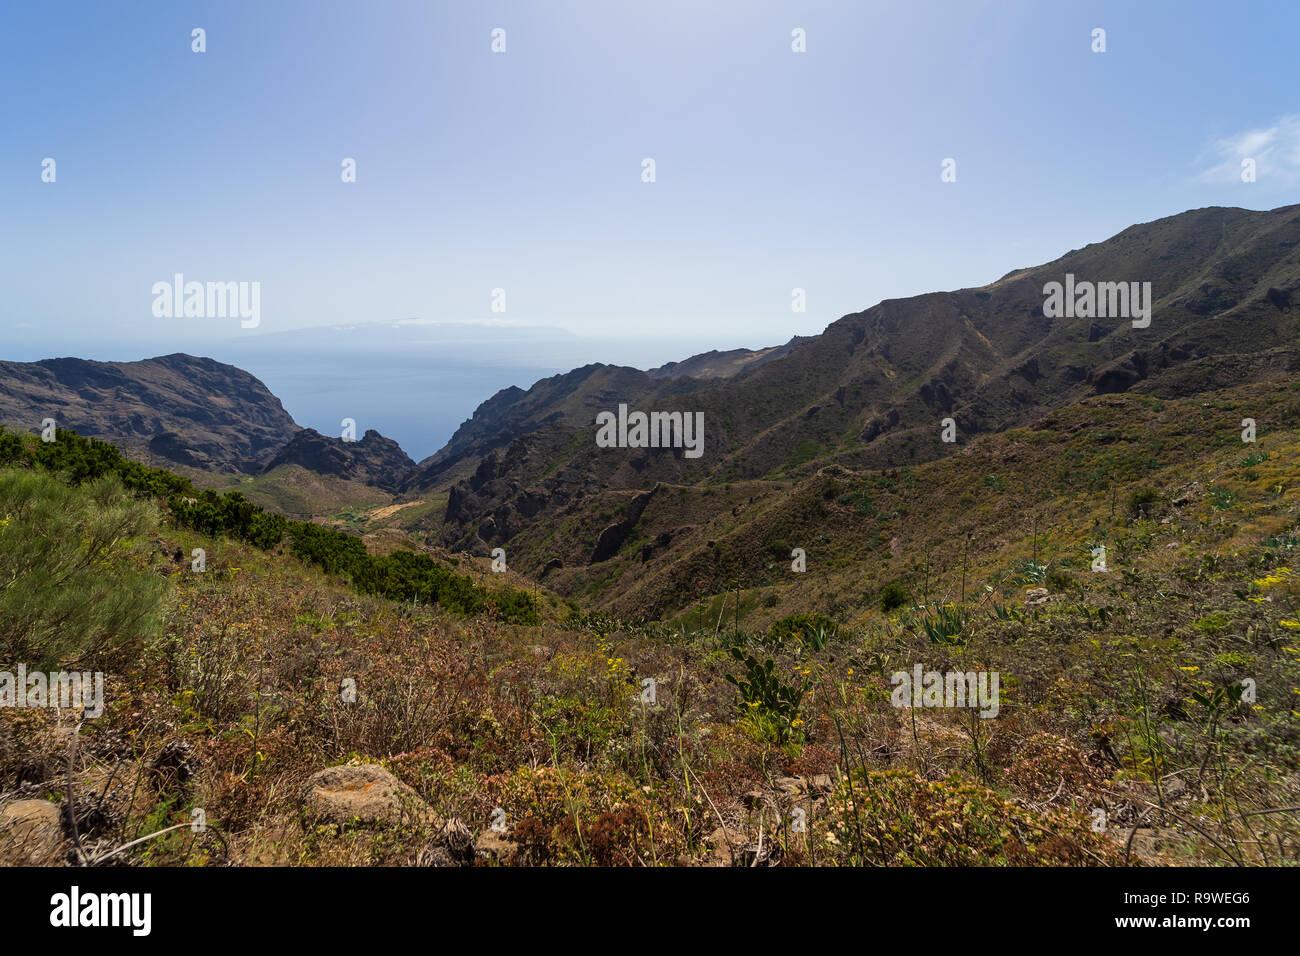 Die Vew der Teno Massiv (den Berg Macizo de Teno), ist einer der drei vulkanischen Formationen, die Anlass zu Teneriffa, Kanarische Inseln, Spanien gab. Stockbild